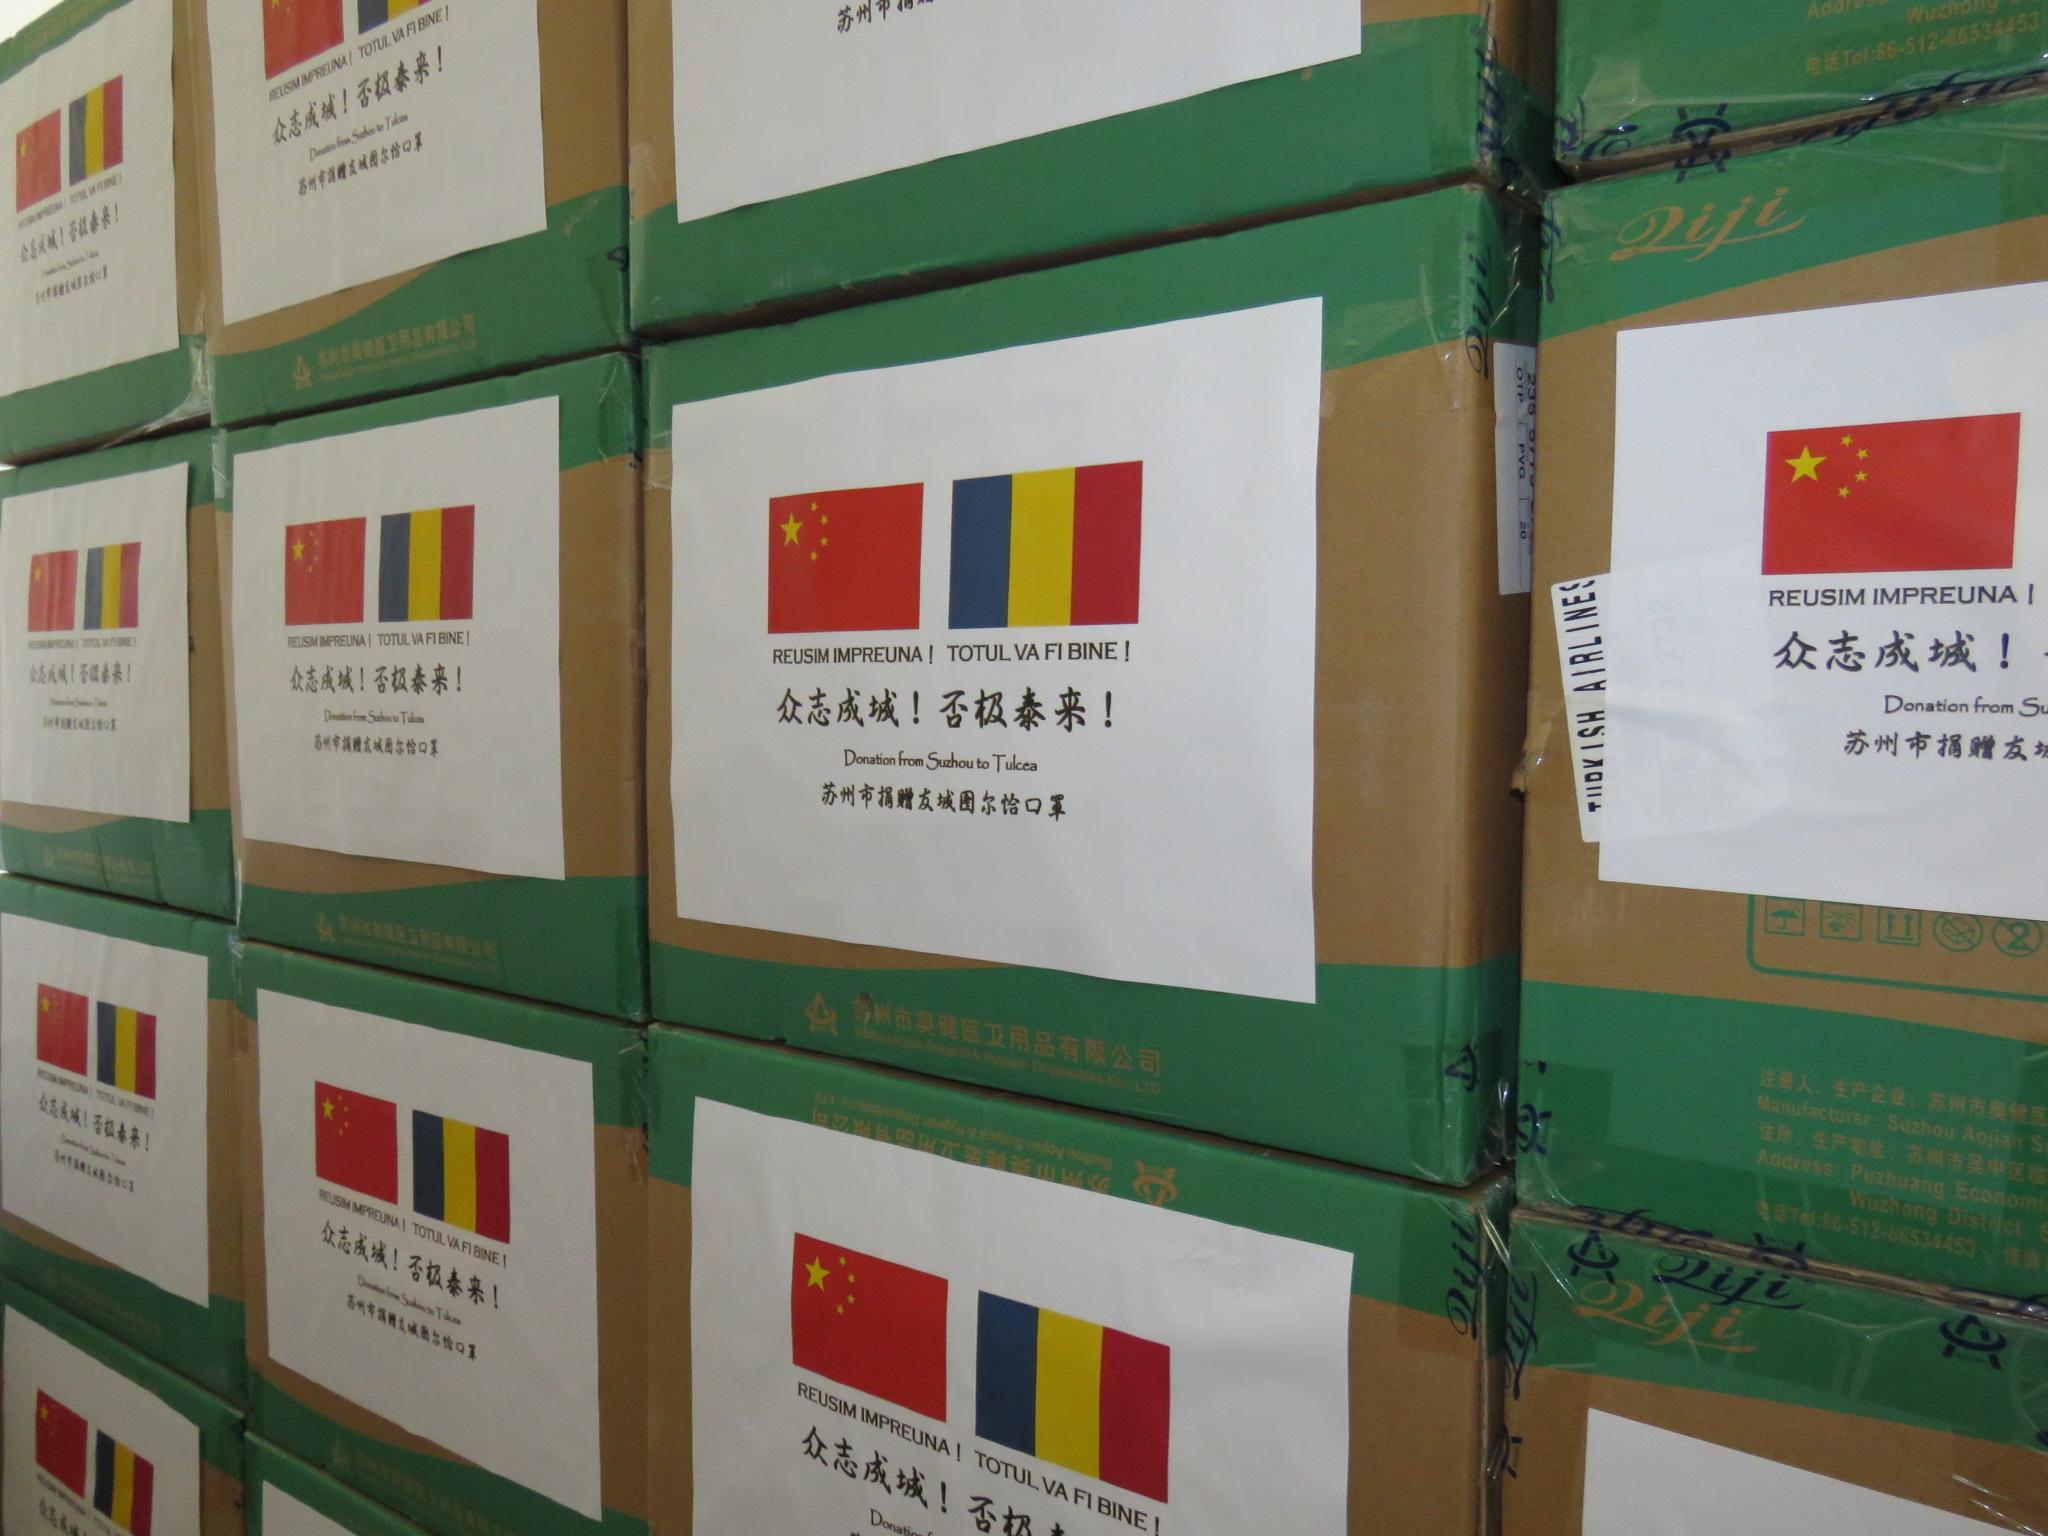 Măștile de protecție donate de Municipalitatea Suzhou, China au ajuns la Tulcea